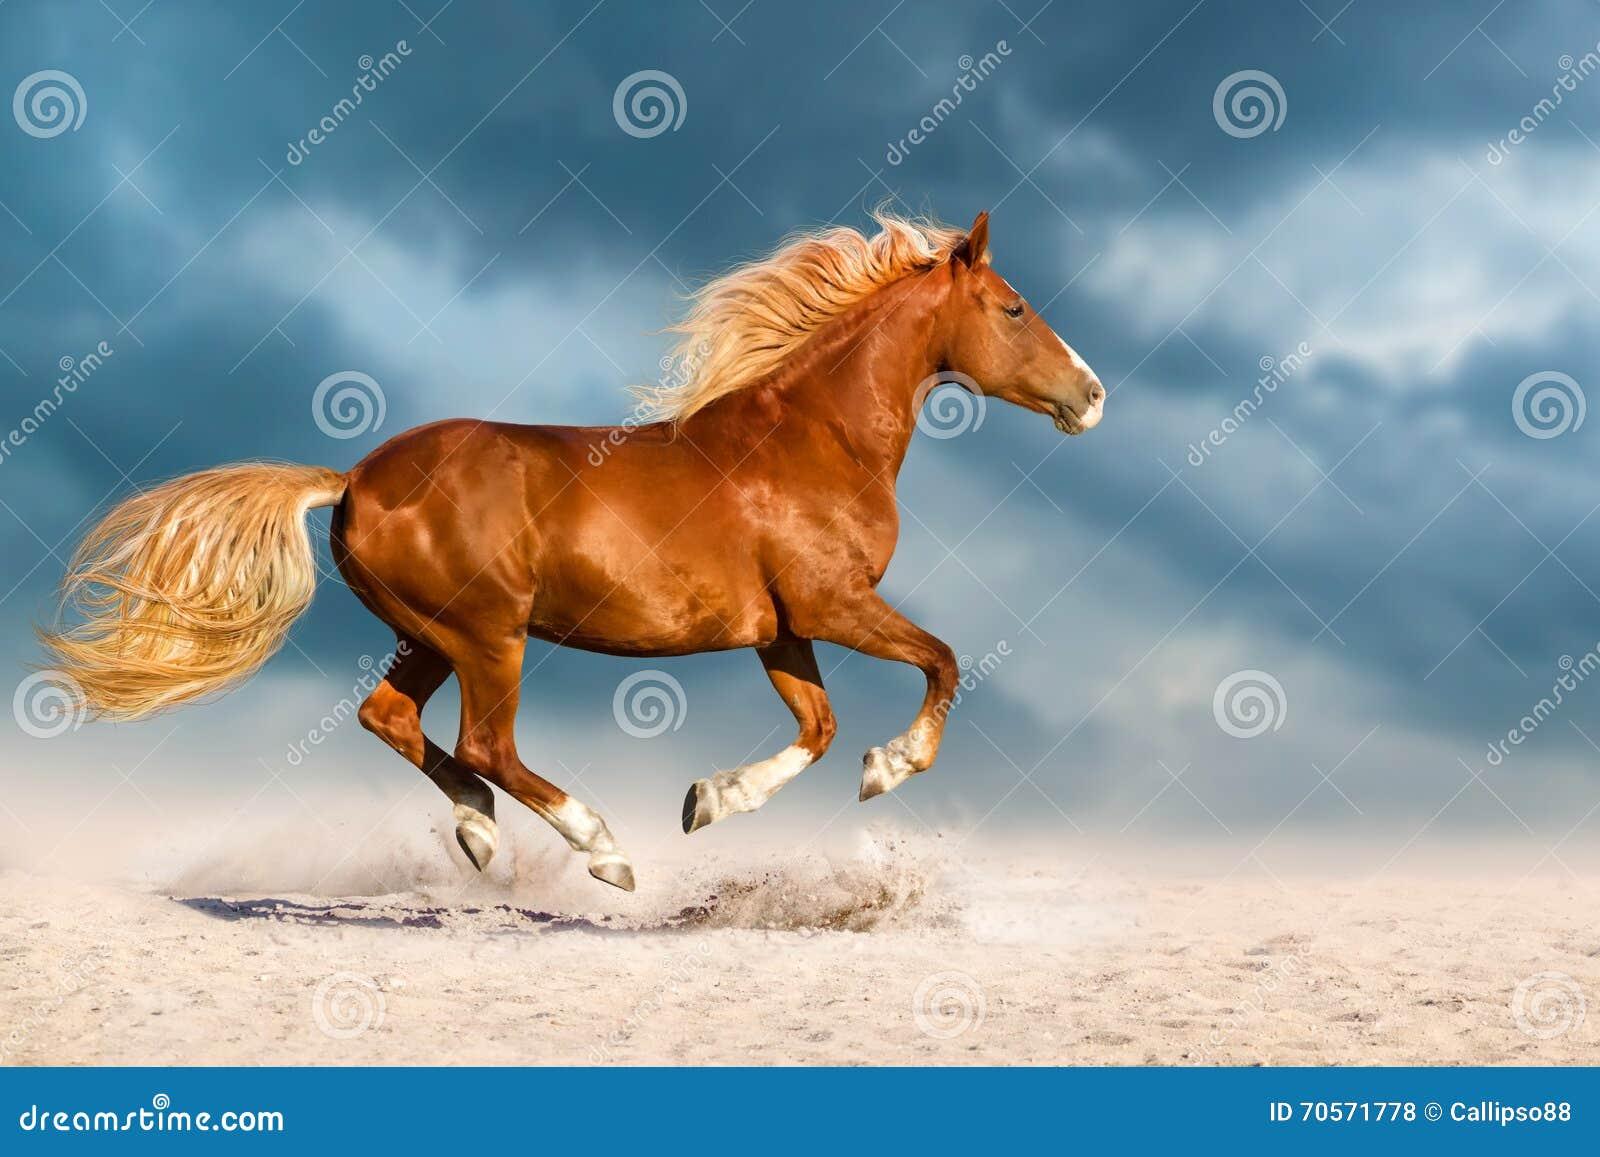 Cavallo rosso fatto funzionare in deserto